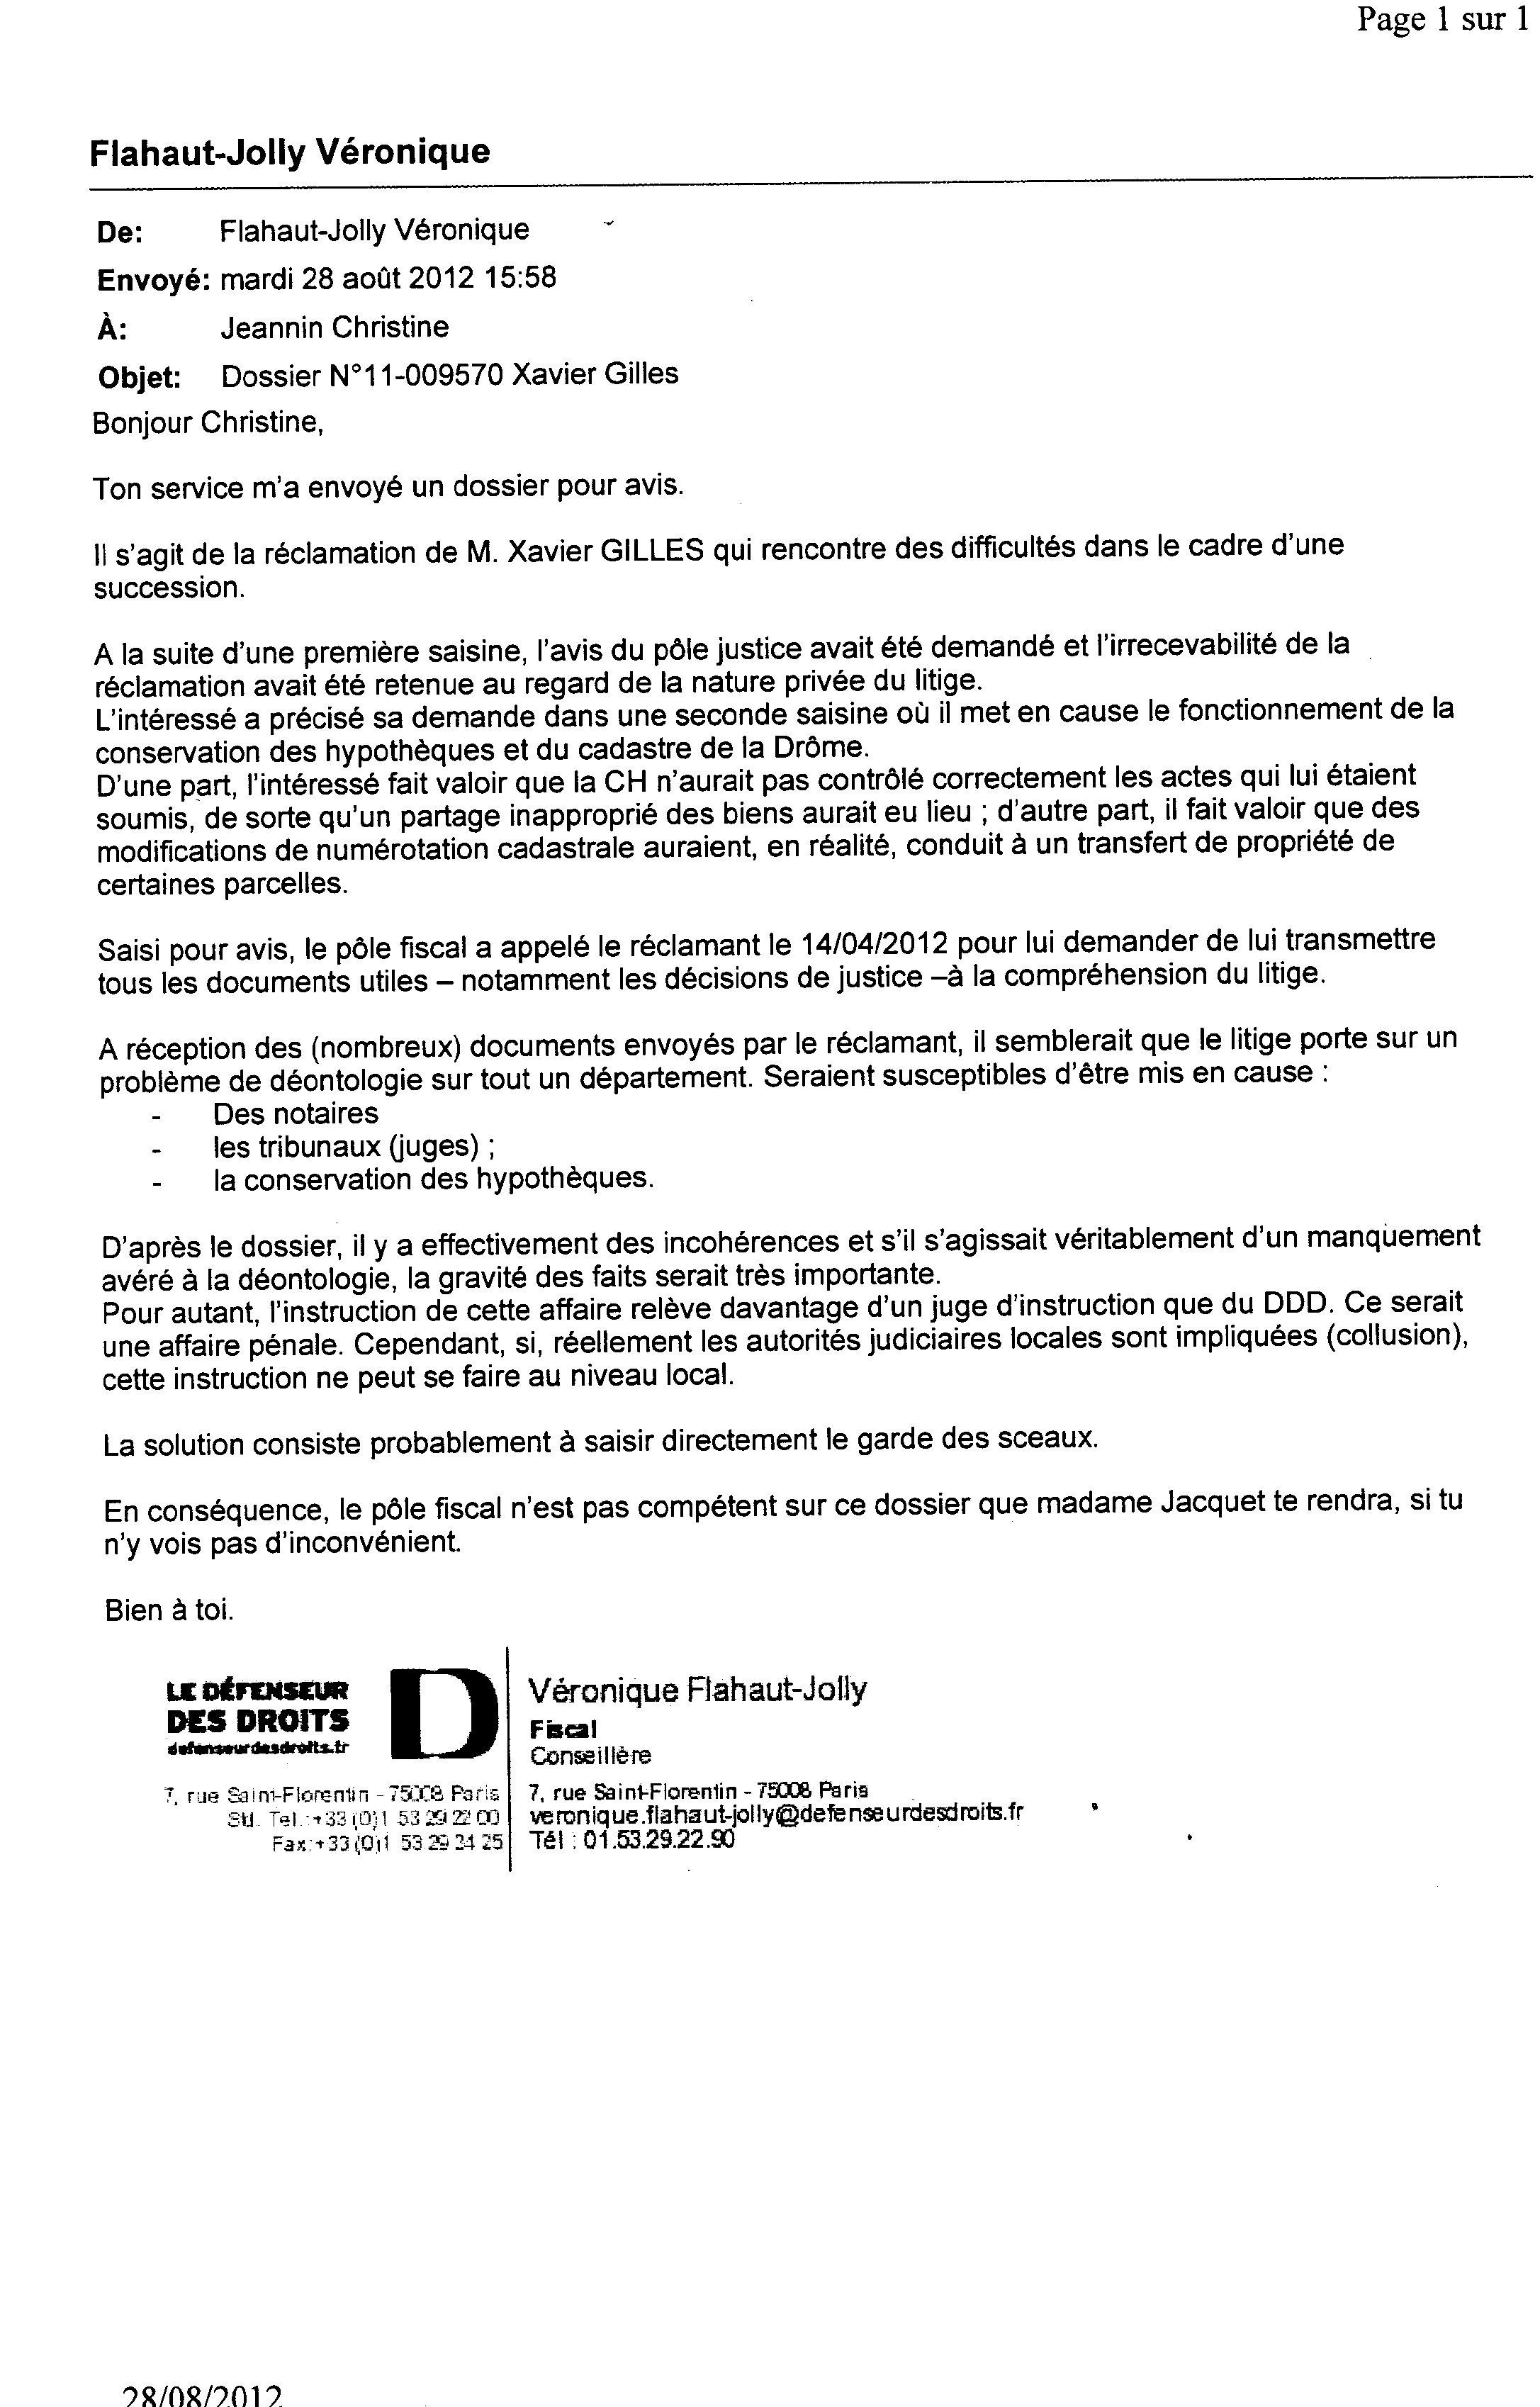 E-mail de Véronique Flahaut-Jolly du 28/8/12- échange interne au Défenseur des Droits - qui nous a été transmis